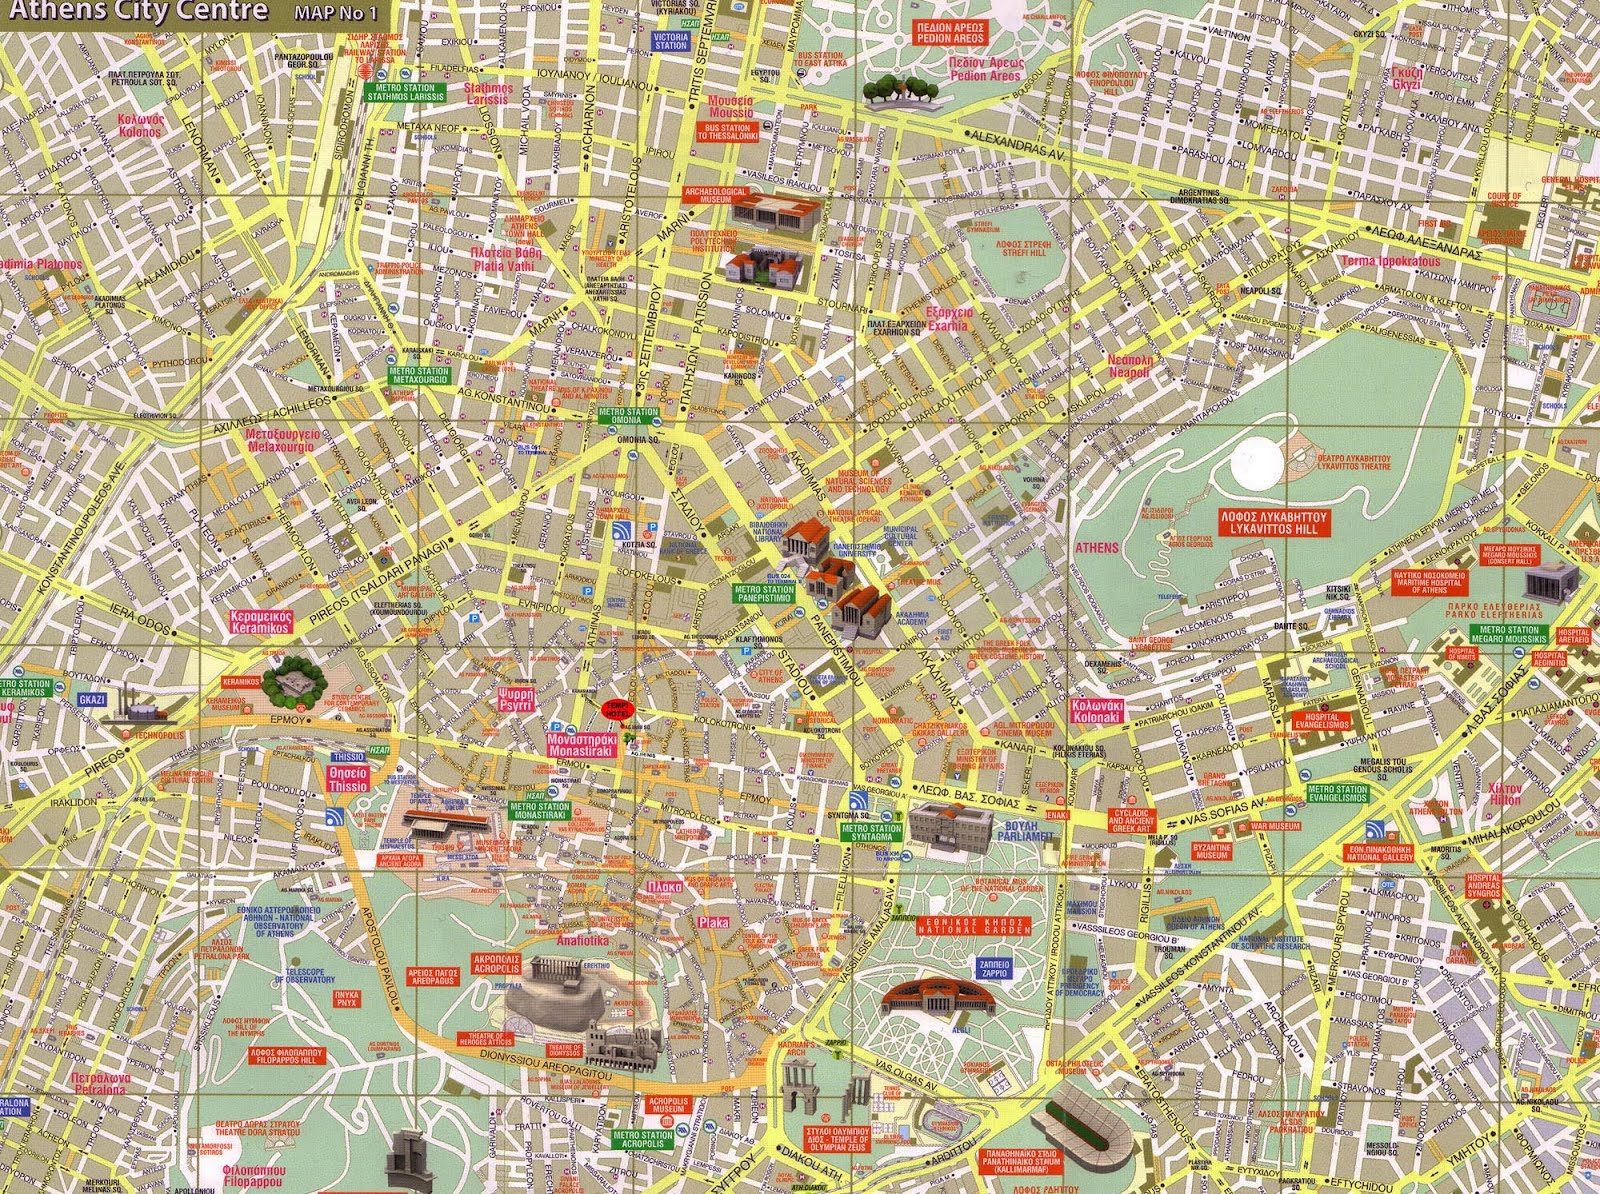 mapa turistico atenas